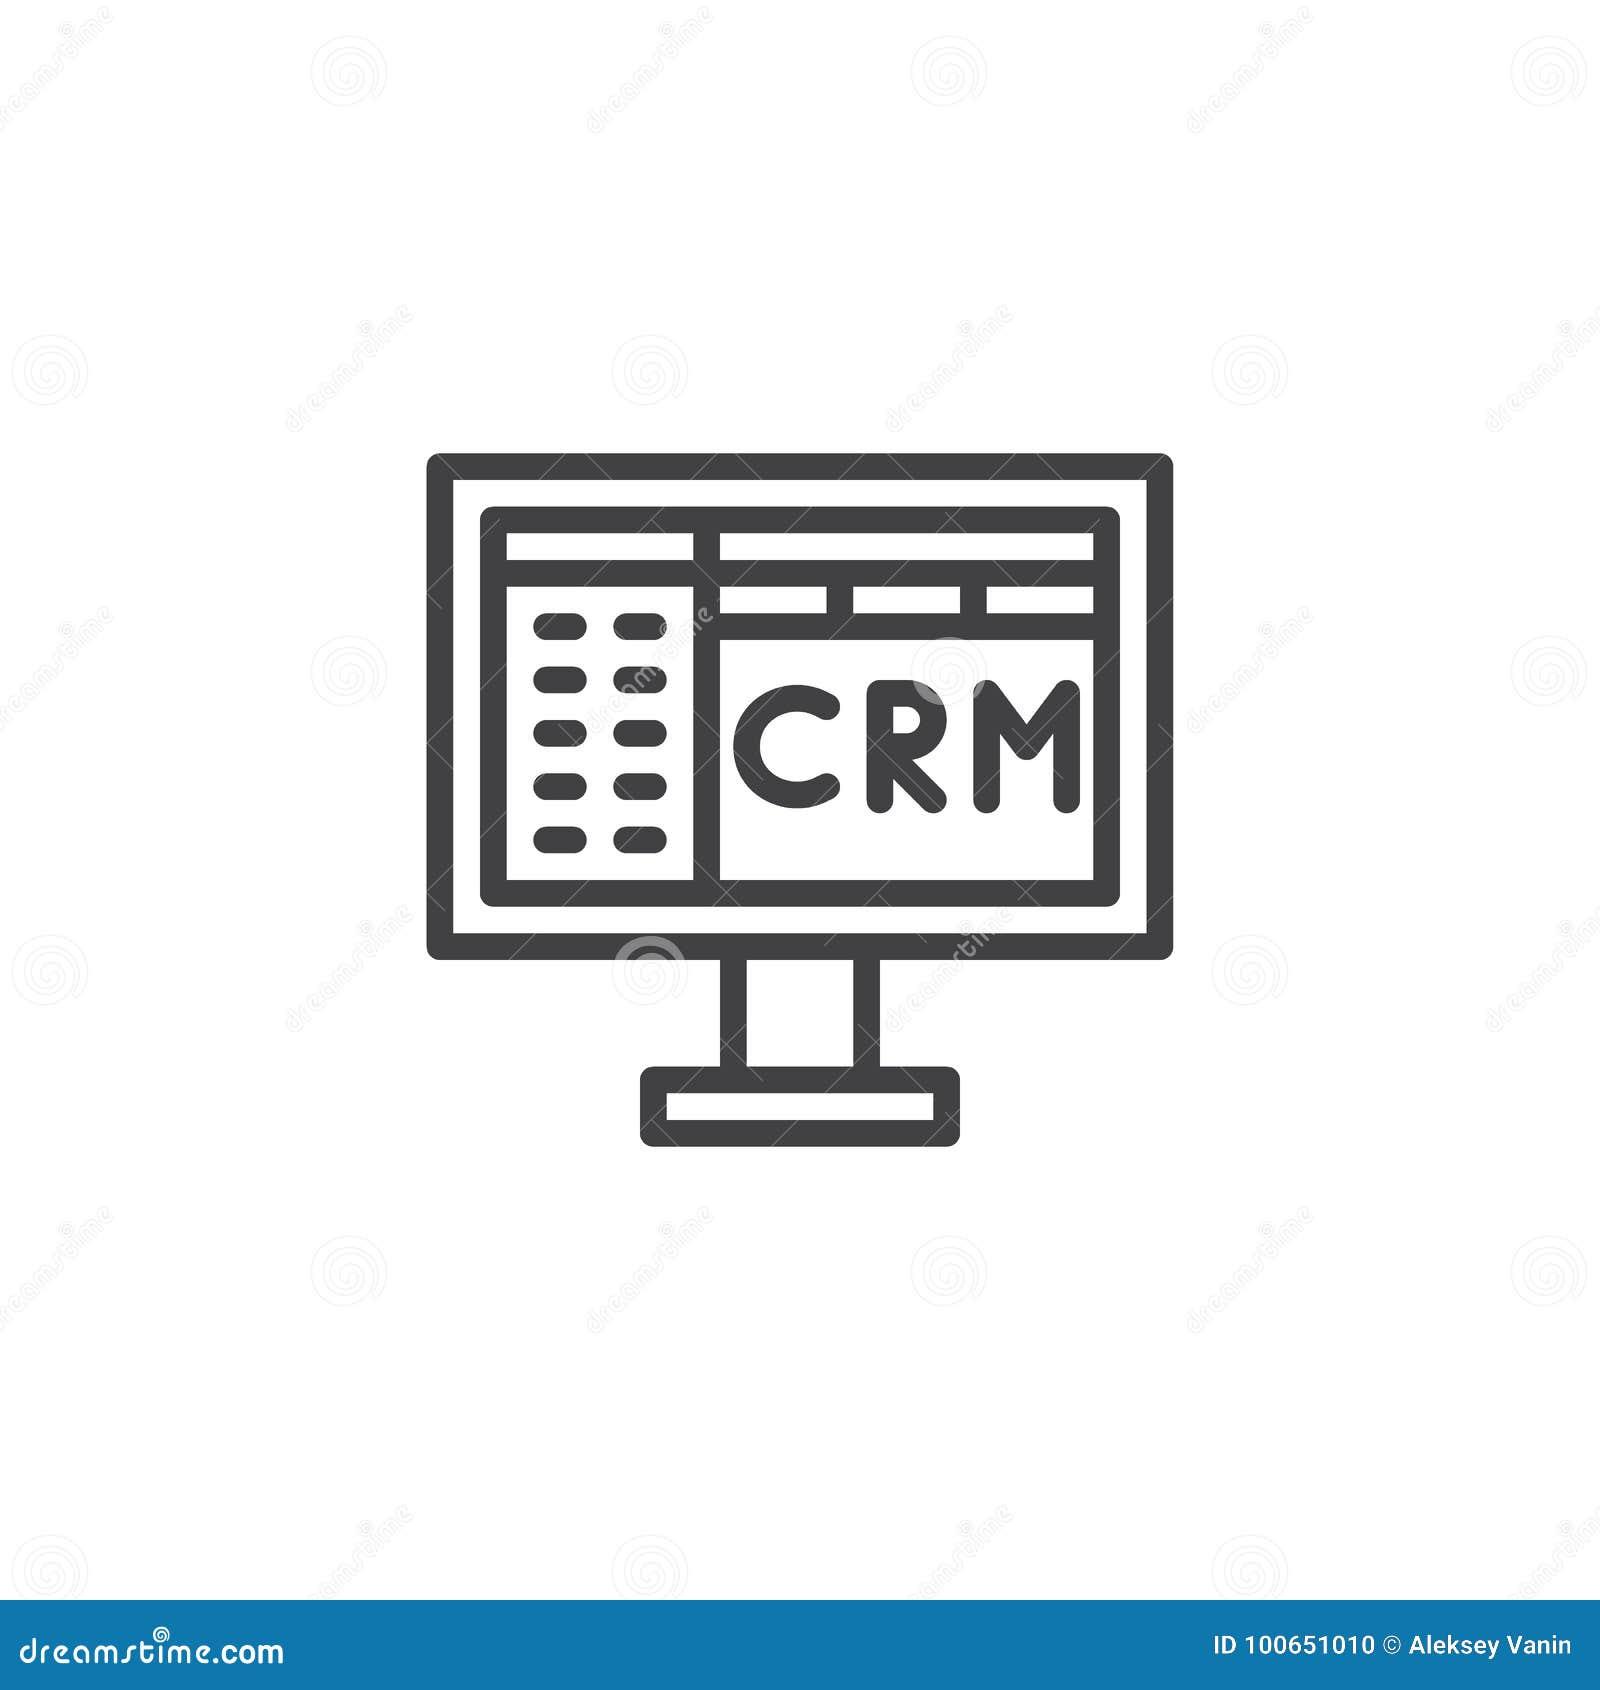 client relationship management course outline